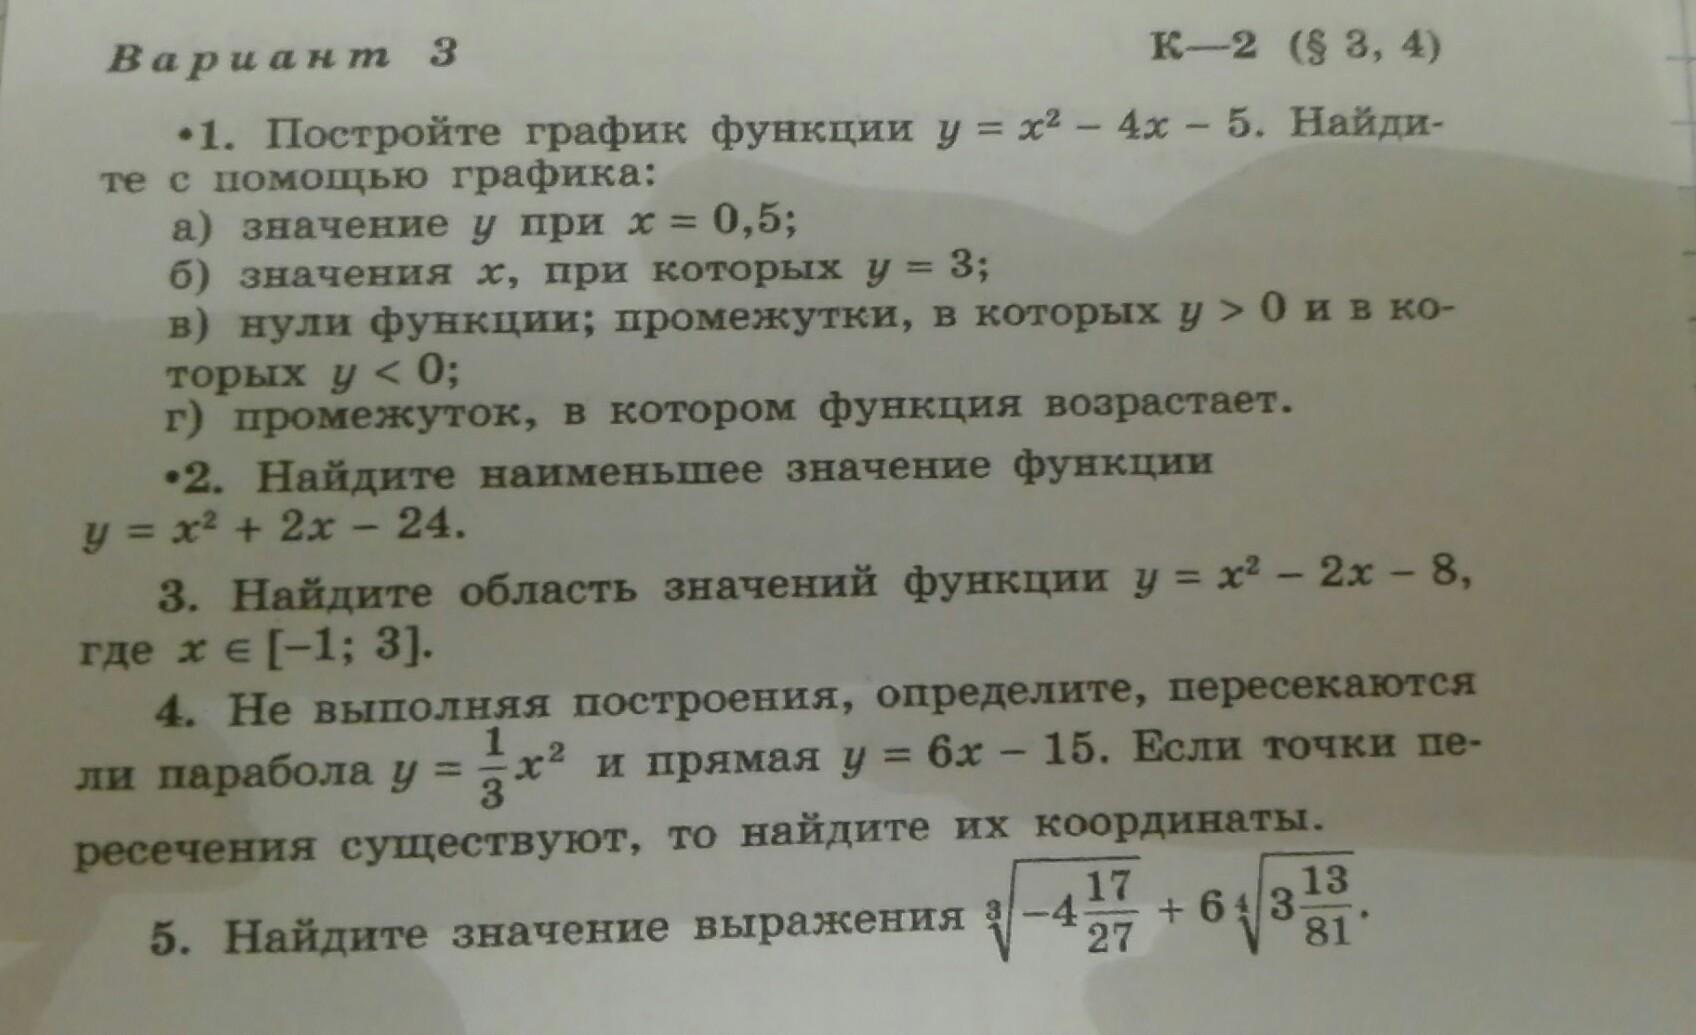 с по номер пж класс алгебра дидактический материал вариант  Загрузить jpg